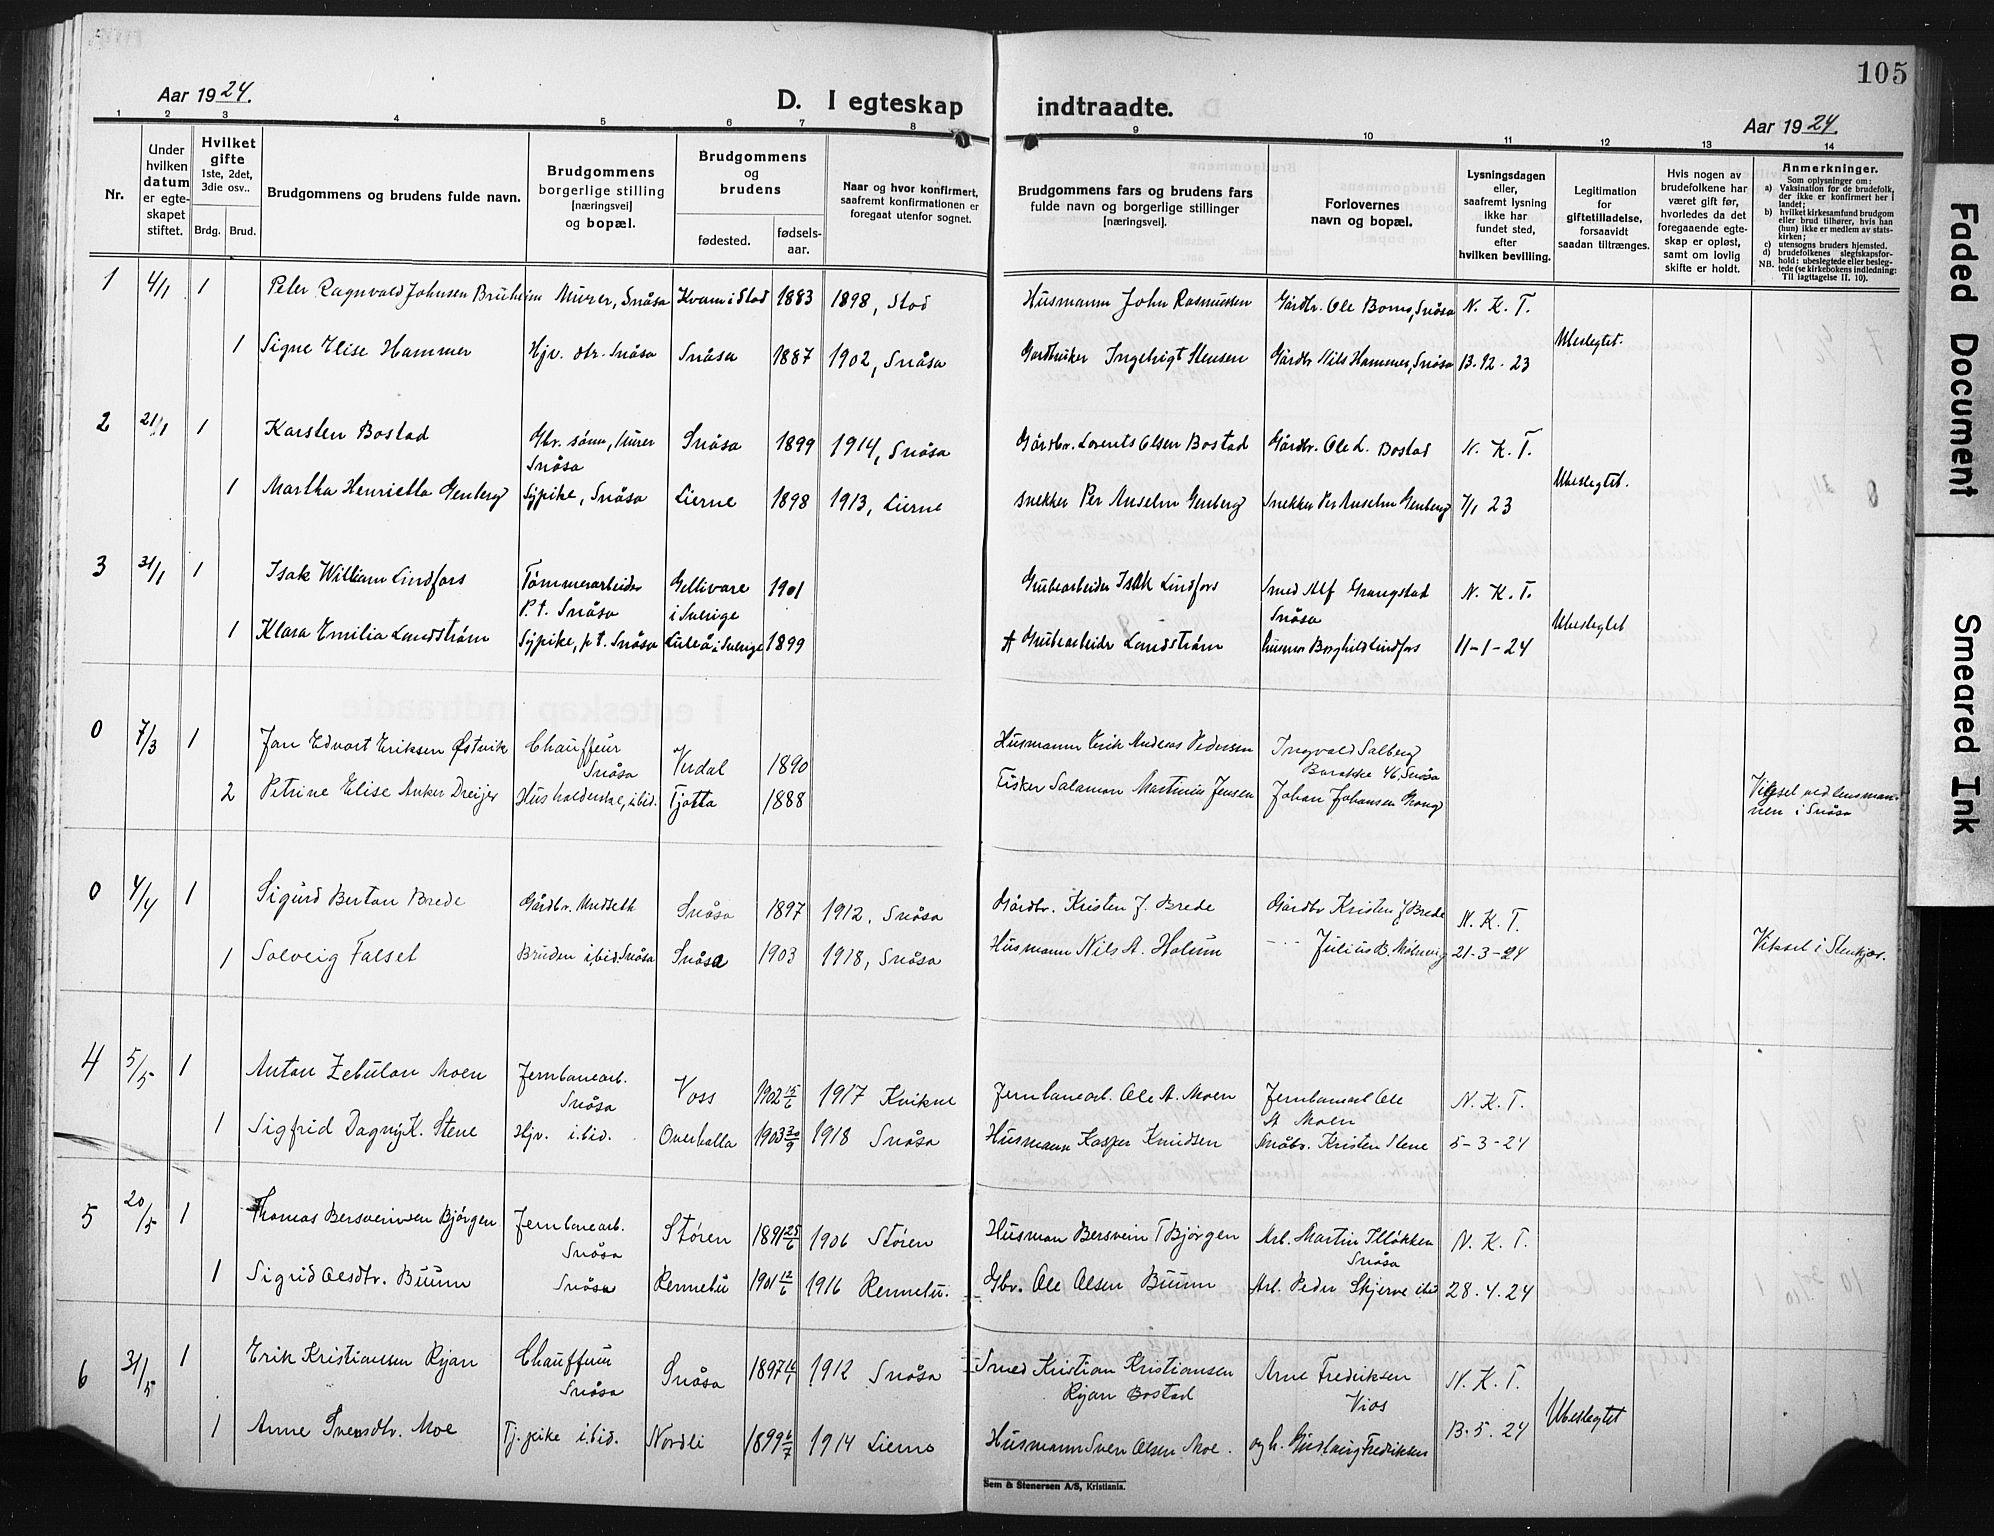 SAT, Ministerialprotokoller, klokkerbøker og fødselsregistre - Nord-Trøndelag, 749/L0480: Klokkerbok nr. 749C02, 1924-1932, s. 105